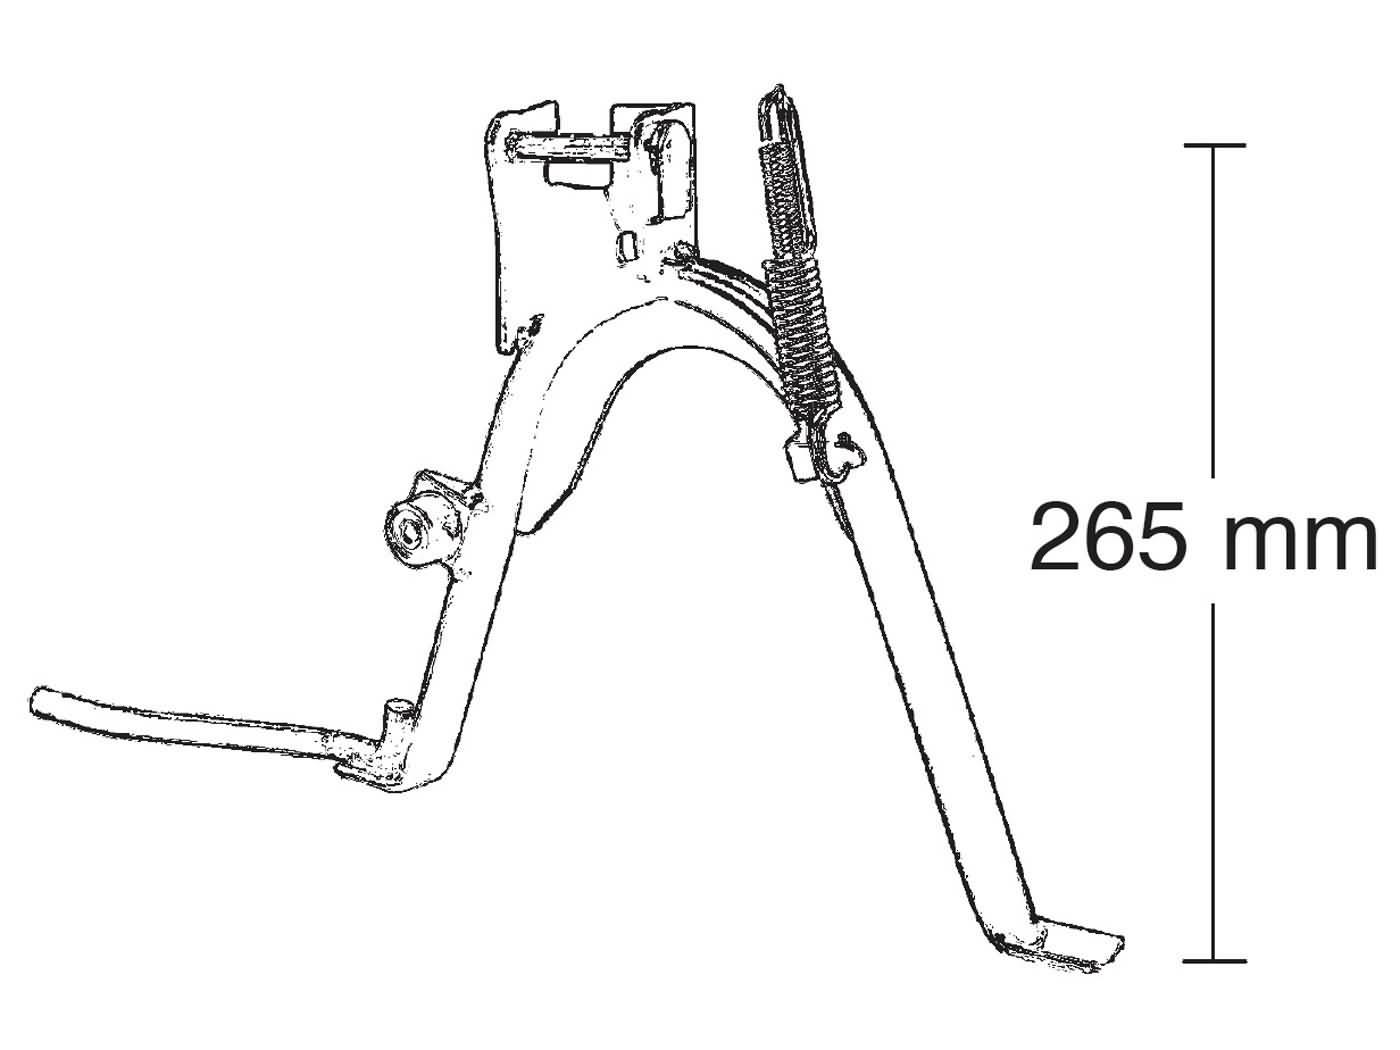 Hauptständer RMS - R121610230 - Benelli K2,MBK Flipper